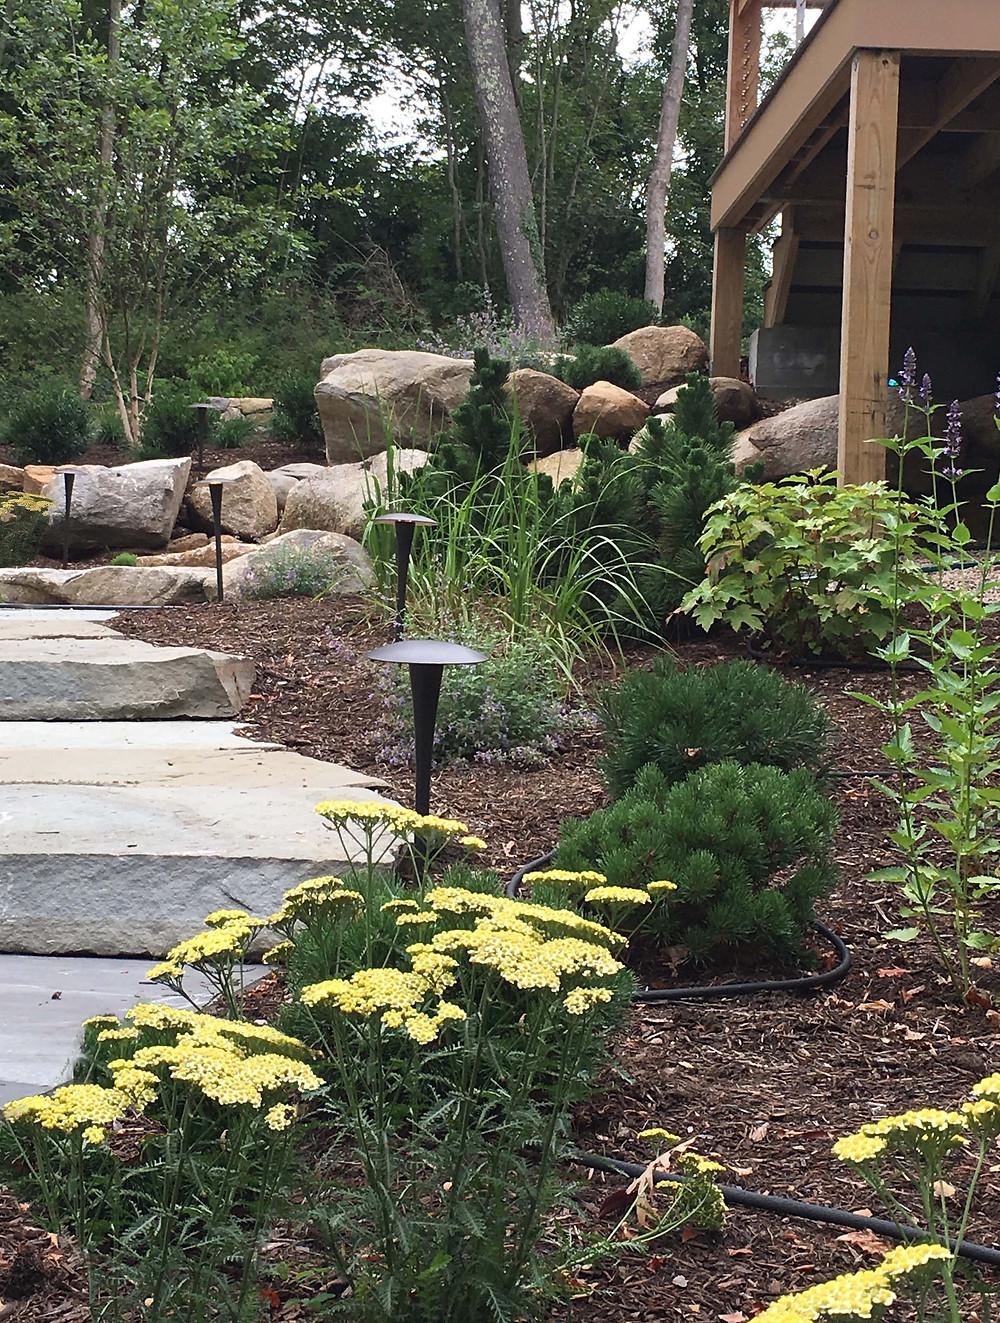 Bluestone and boulder pathway through the garden